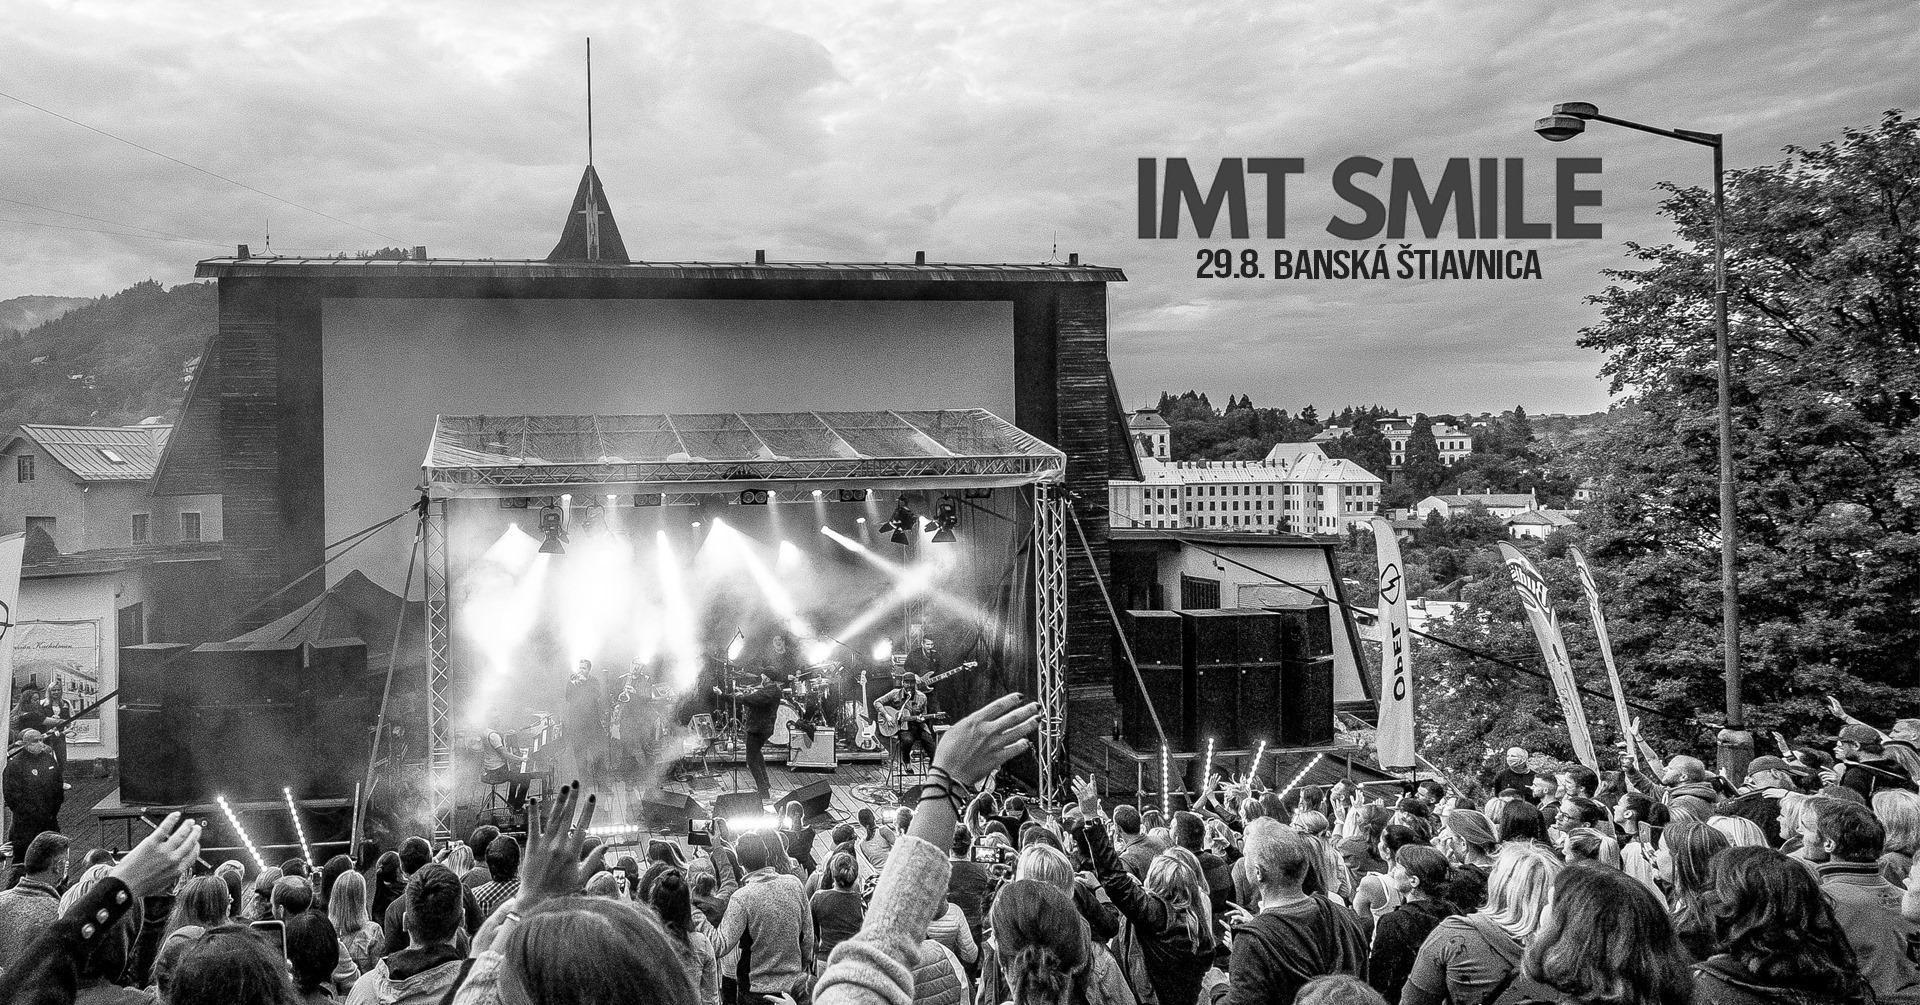 IMT SMILE - Banská Štiavnica - Amfiteáter 29.8.2020